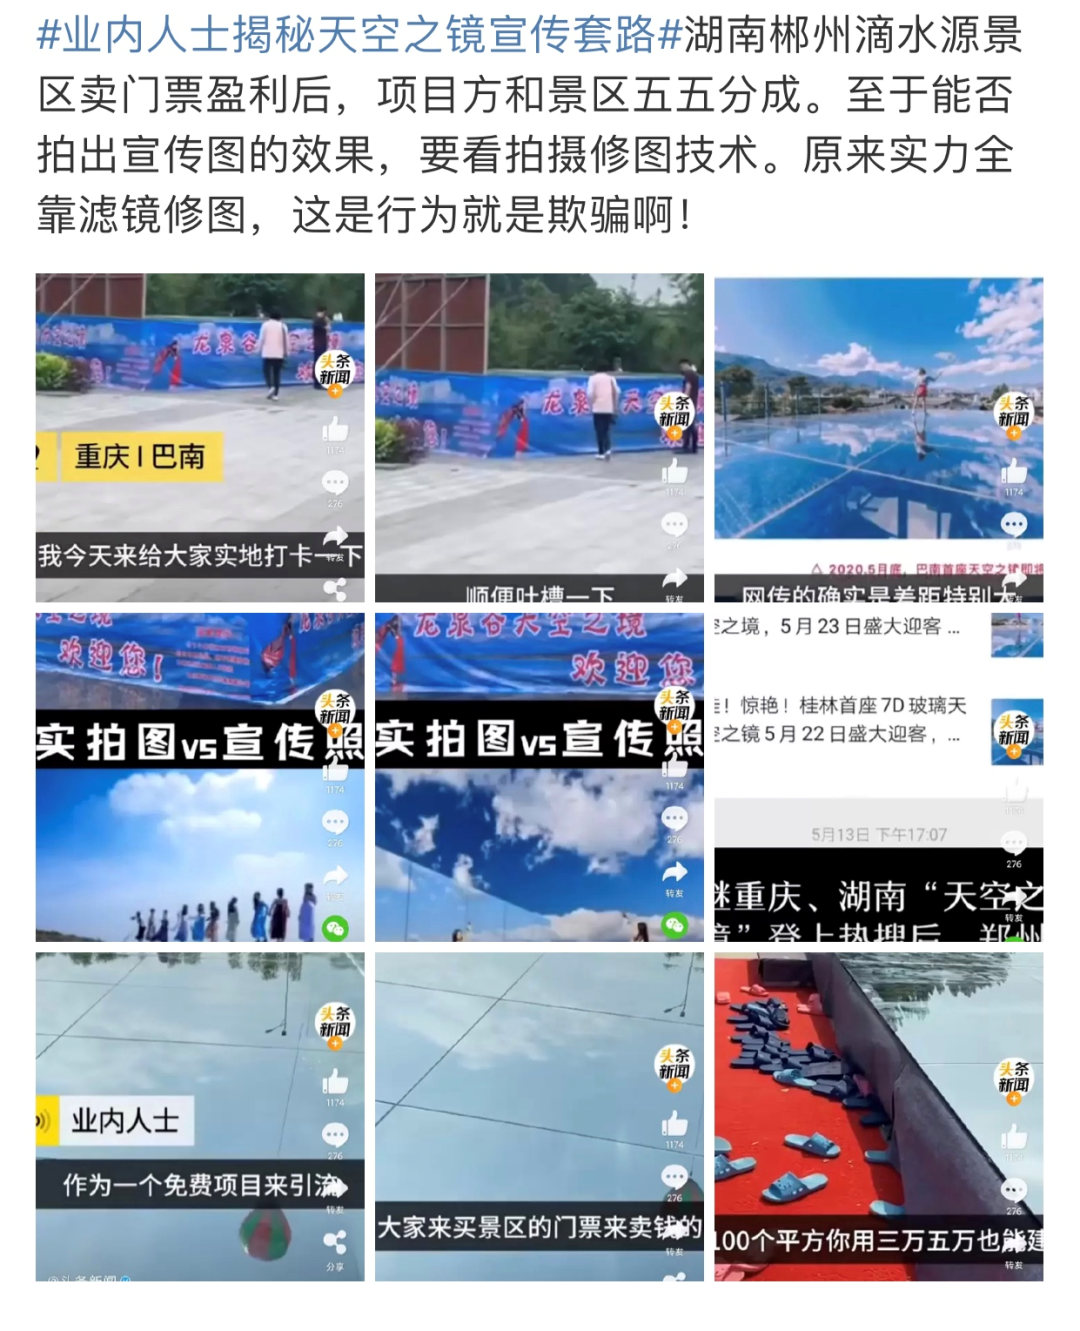 """贵州启动防汛Ⅲ级应急响应 多地开启""""看海""""模式"""